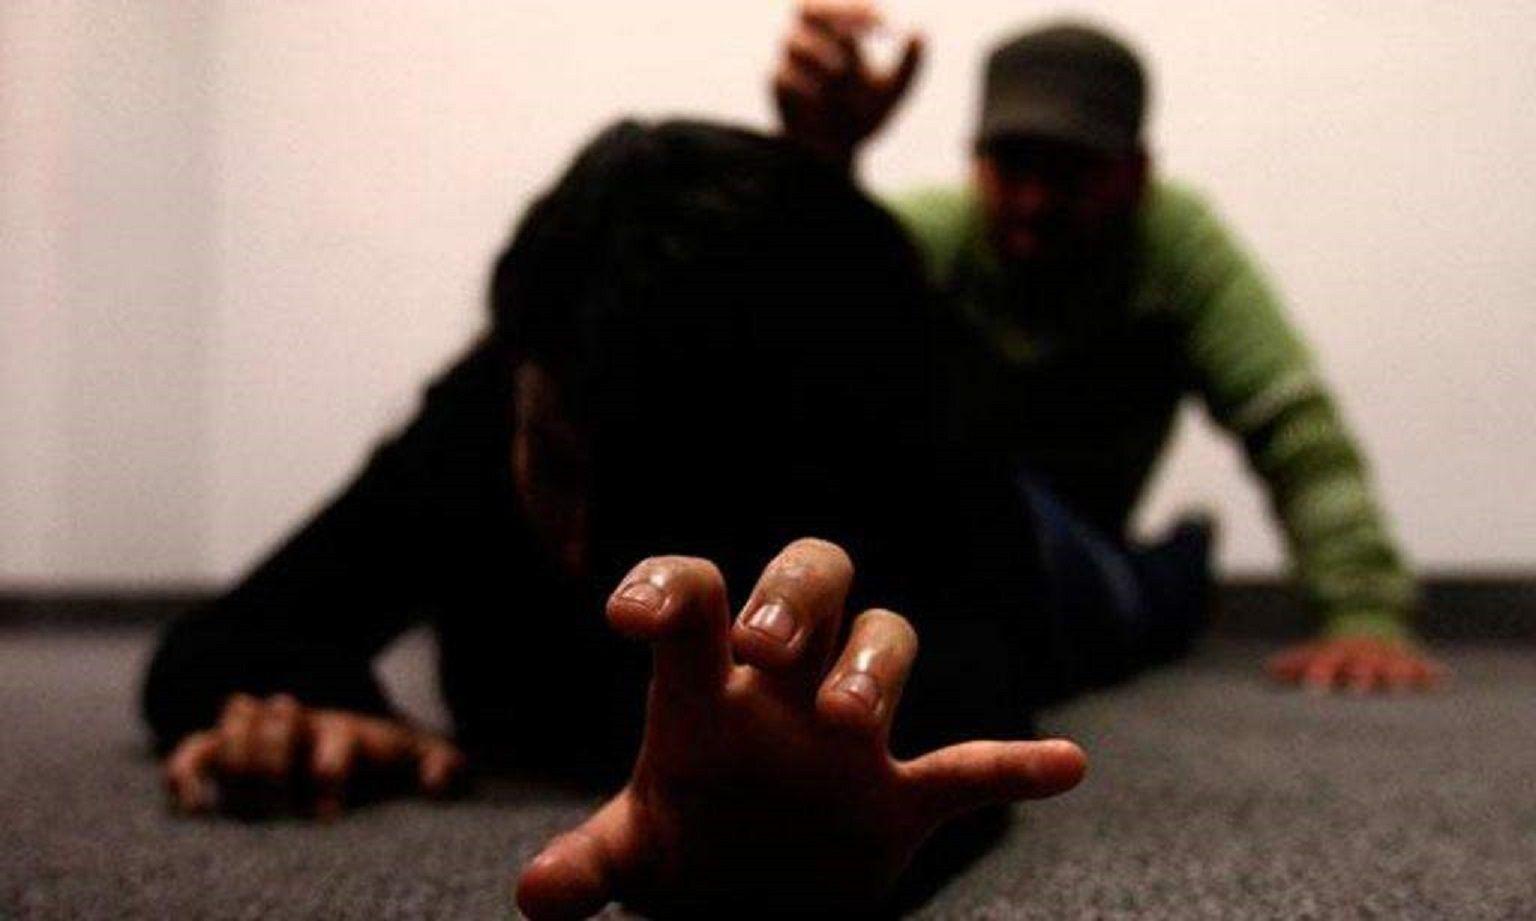 Una madre denunció que un hombre intentó subirla a su auto por la fuerza en Comodoro Rivadavia.